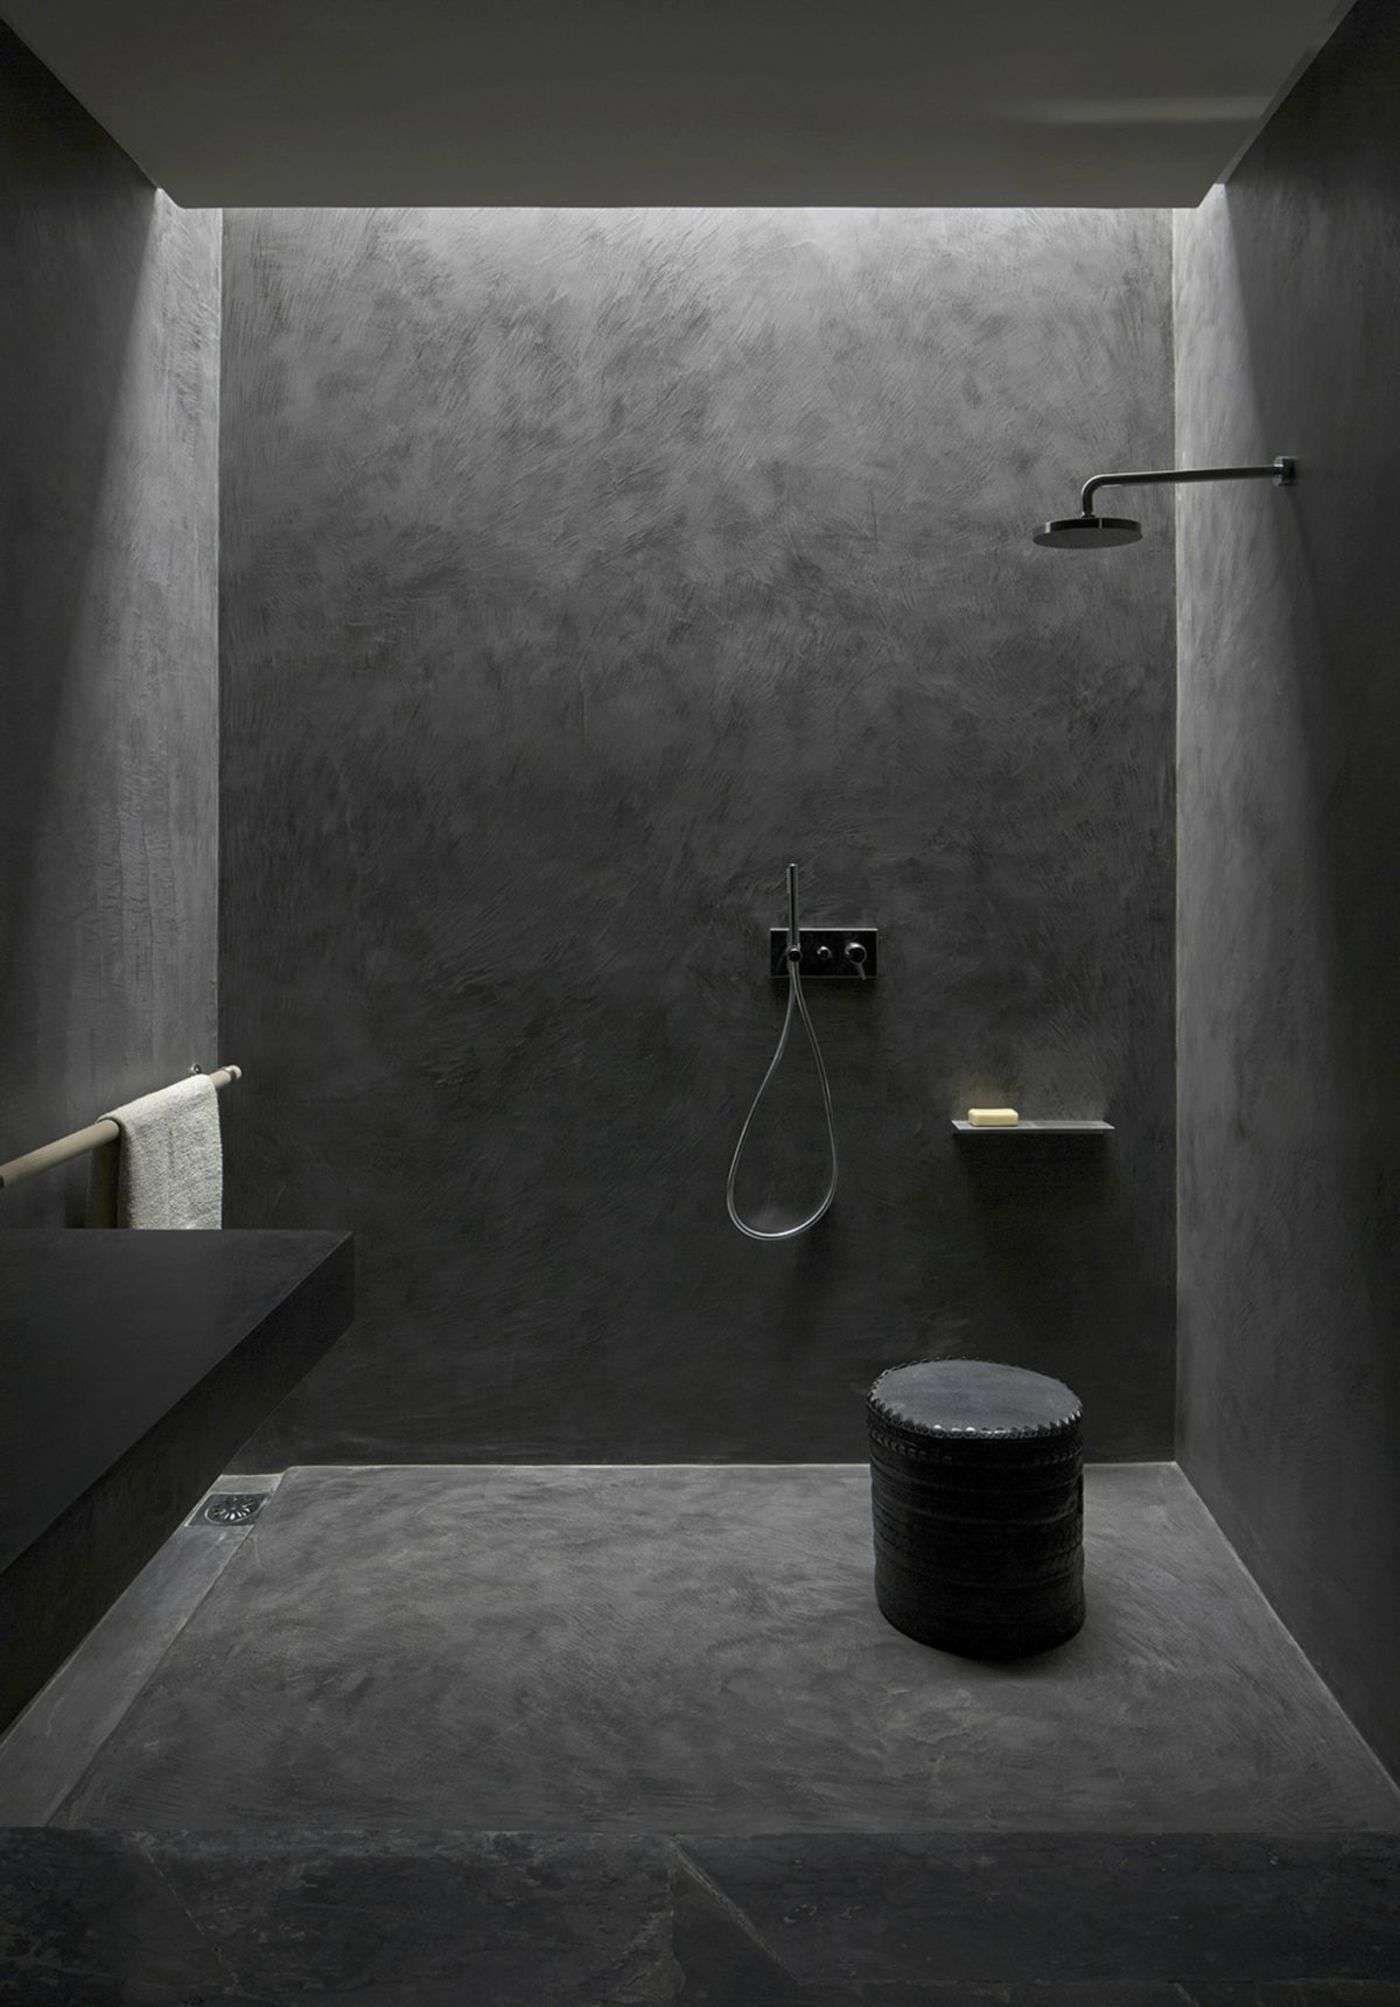 Concrete Bathroom Bathroom Trends Minimalism Interior Concrete Bathroom